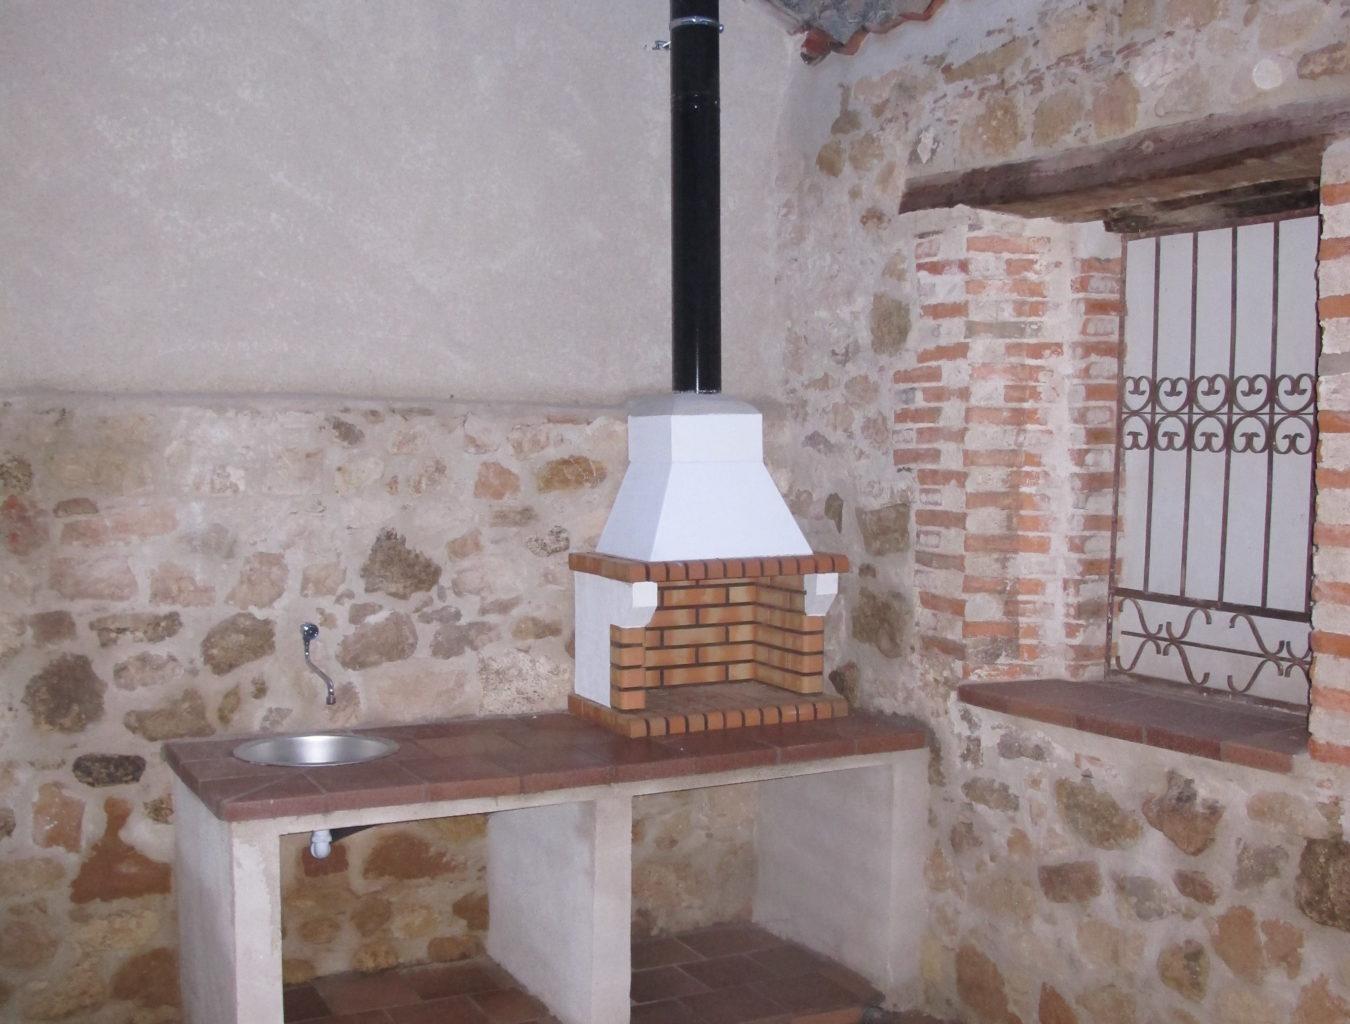 BARBACOAS Y CHIMENEAS 1 e1524047597983 1350x1024 - Barbacoas y Chimeneas